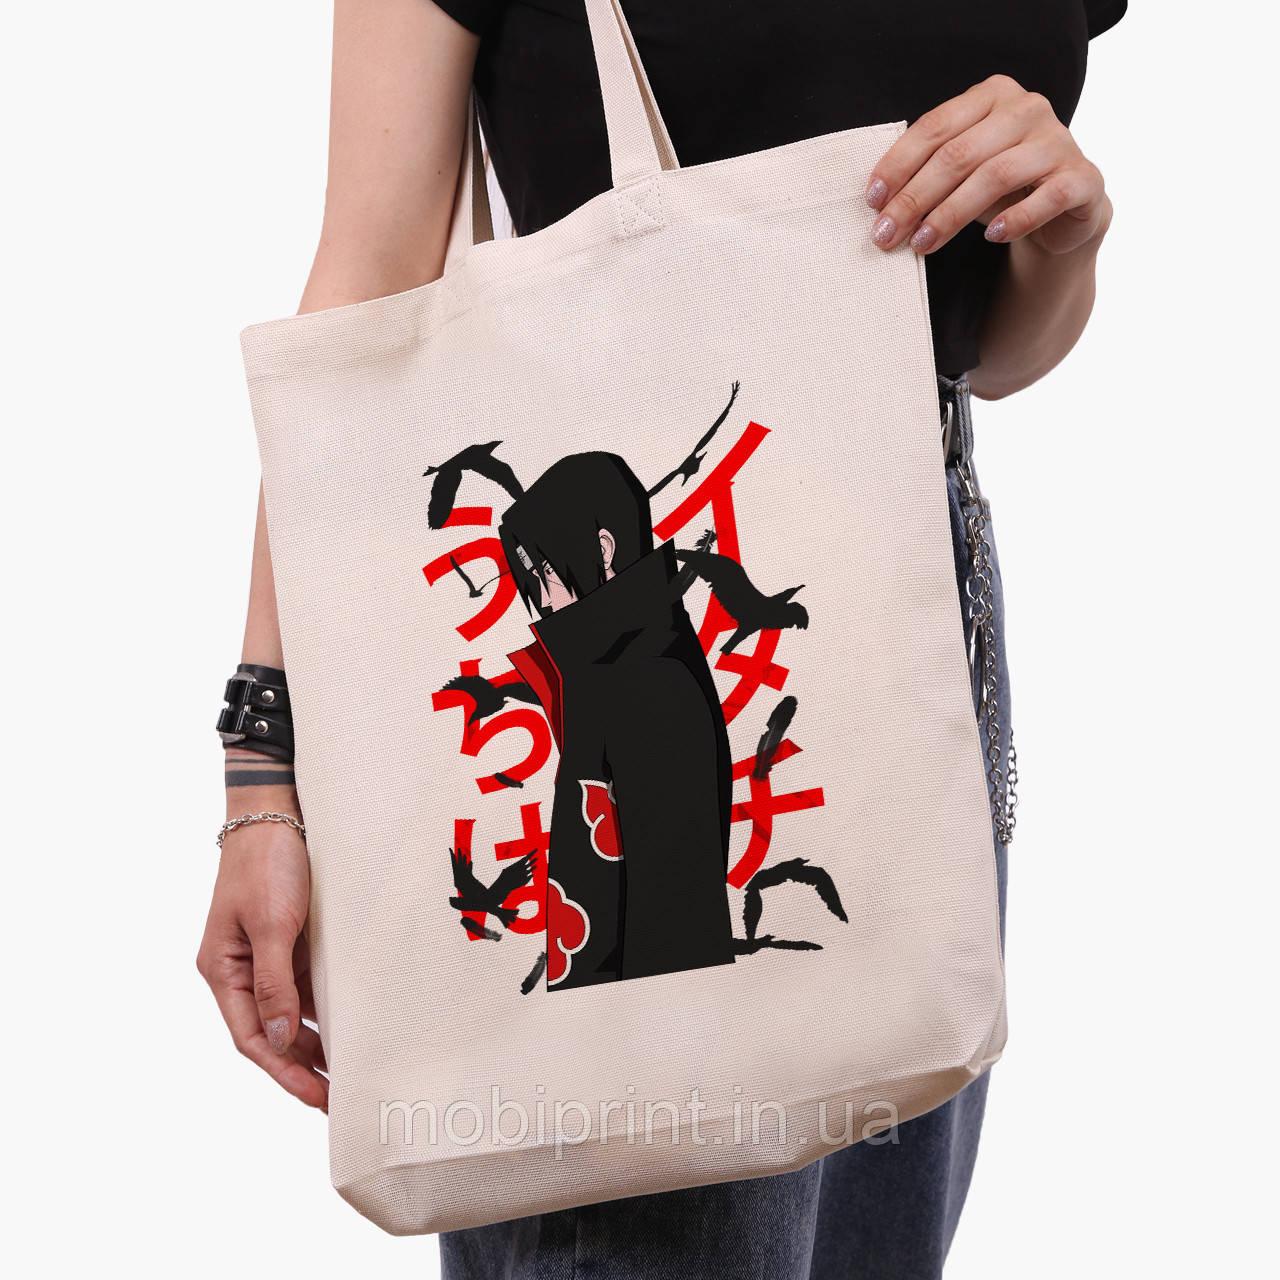 Еко сумка шоппер біла Ітачі Учіха Наруто (Itachi Uchiha) (9227-2817-1) 41*39*8 см